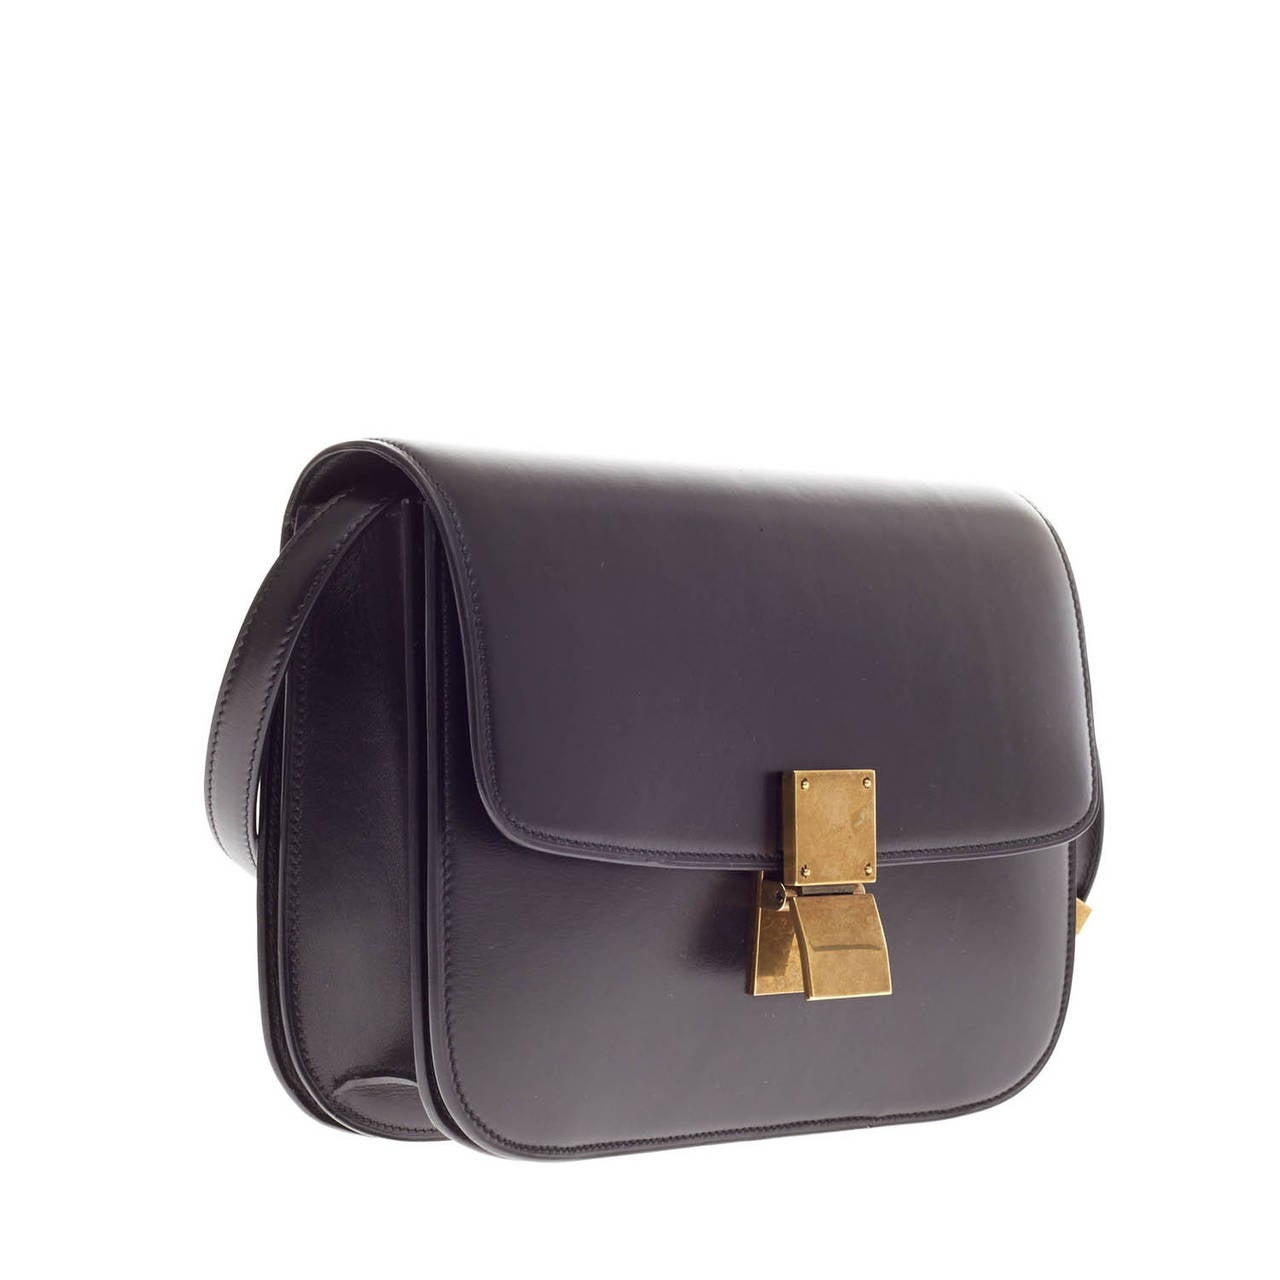 celine orlov handbag